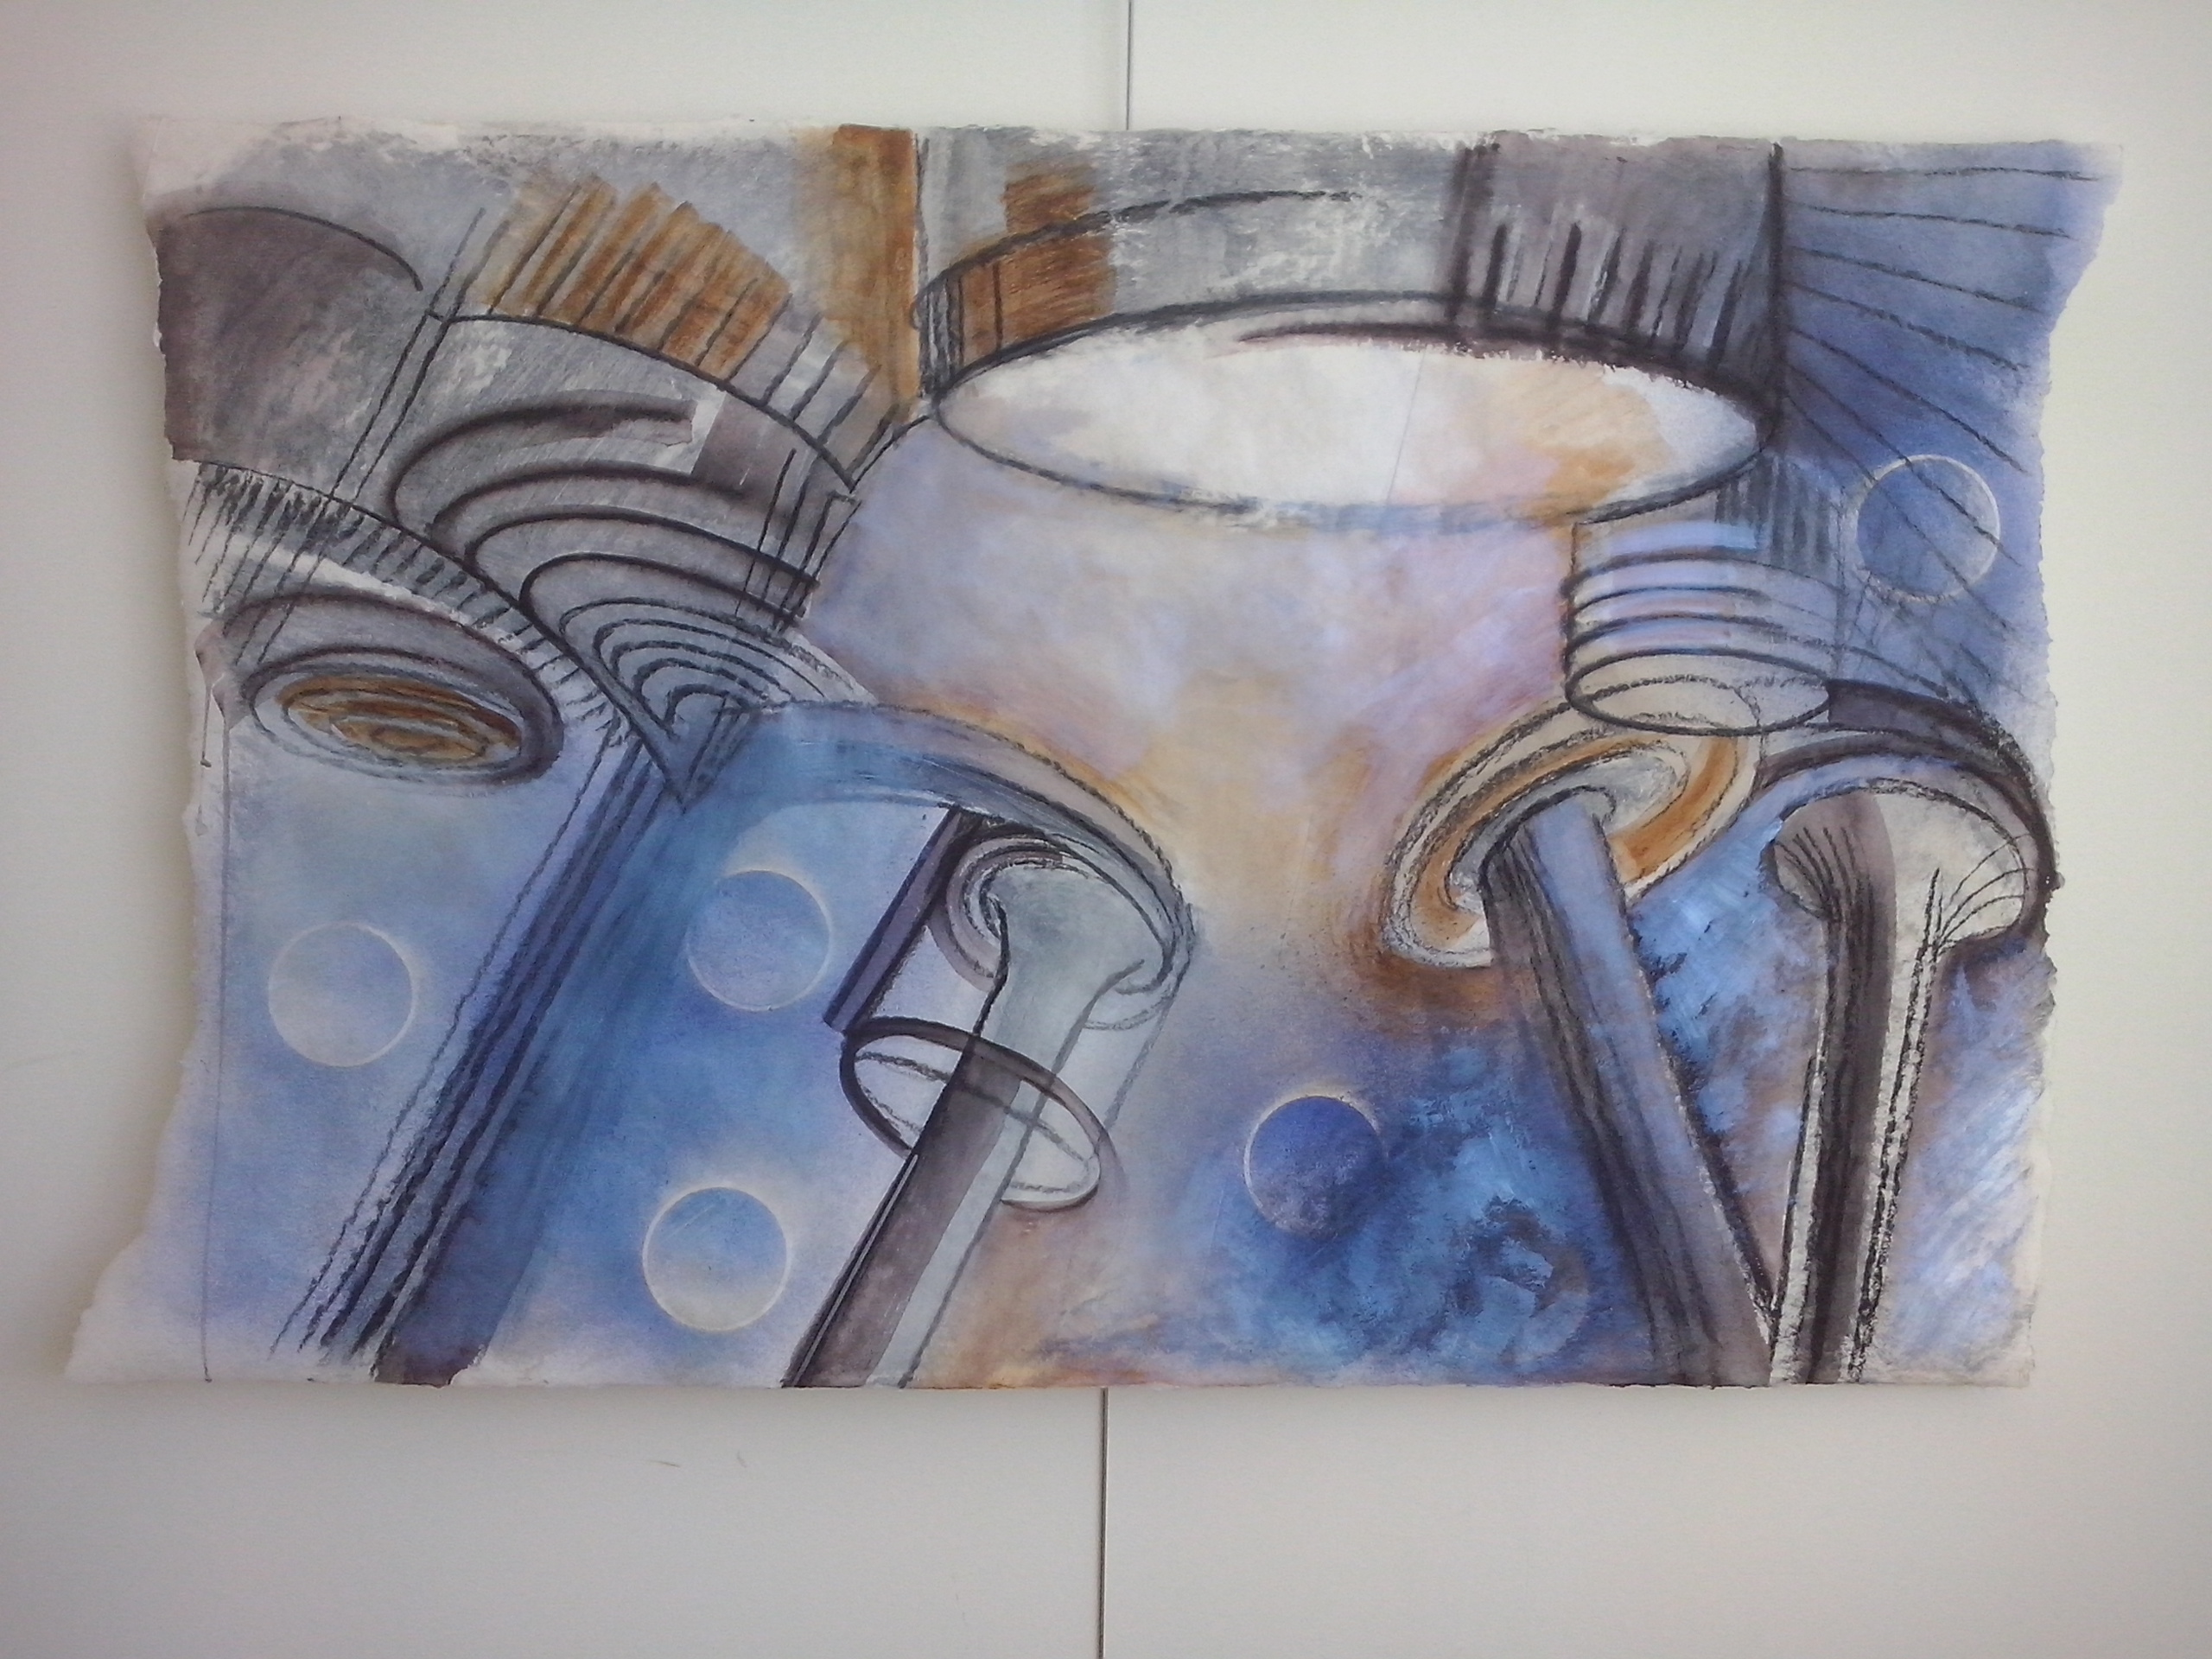 ´What´s next?´ Sketch of expansive inner space, part I gemengde techniek op handgeschept papier. Formaat 70 bij 110 cm. Prijs € 500,00